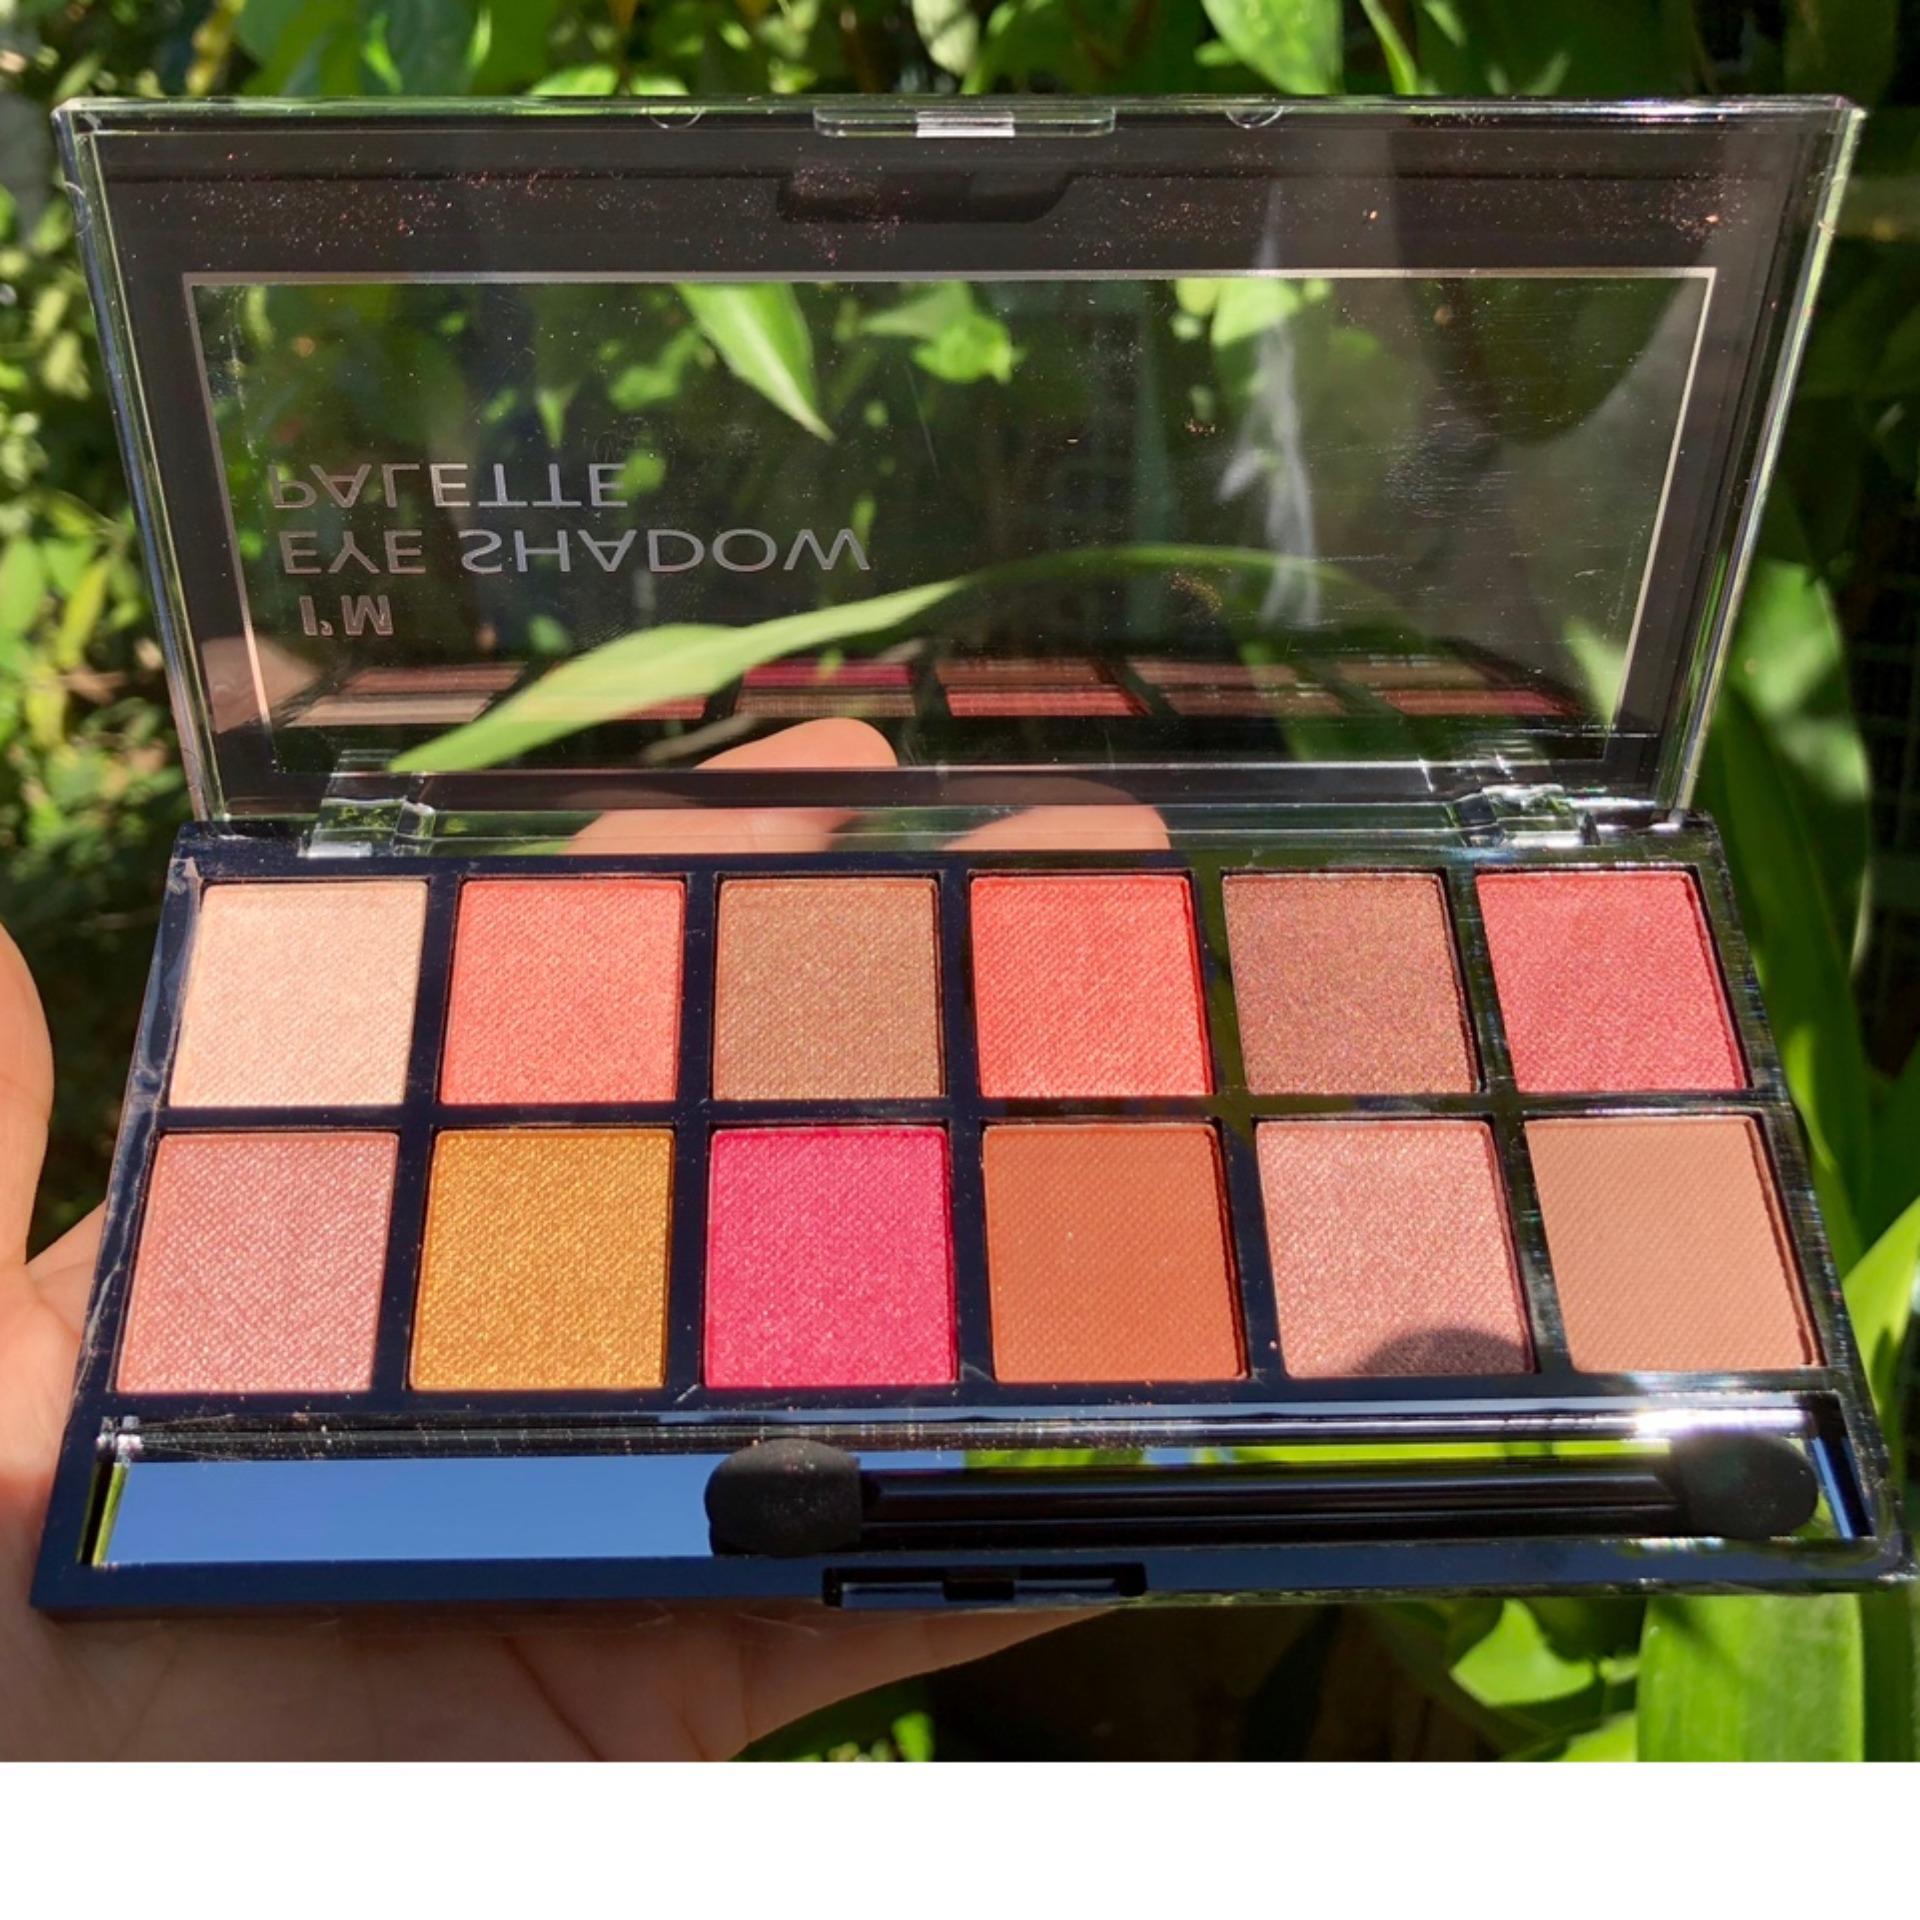 Set Phấn Mắt 12 Màu GEOMETRY Eye Shadow Palette (Hàng Nội Địa) tốt nhất